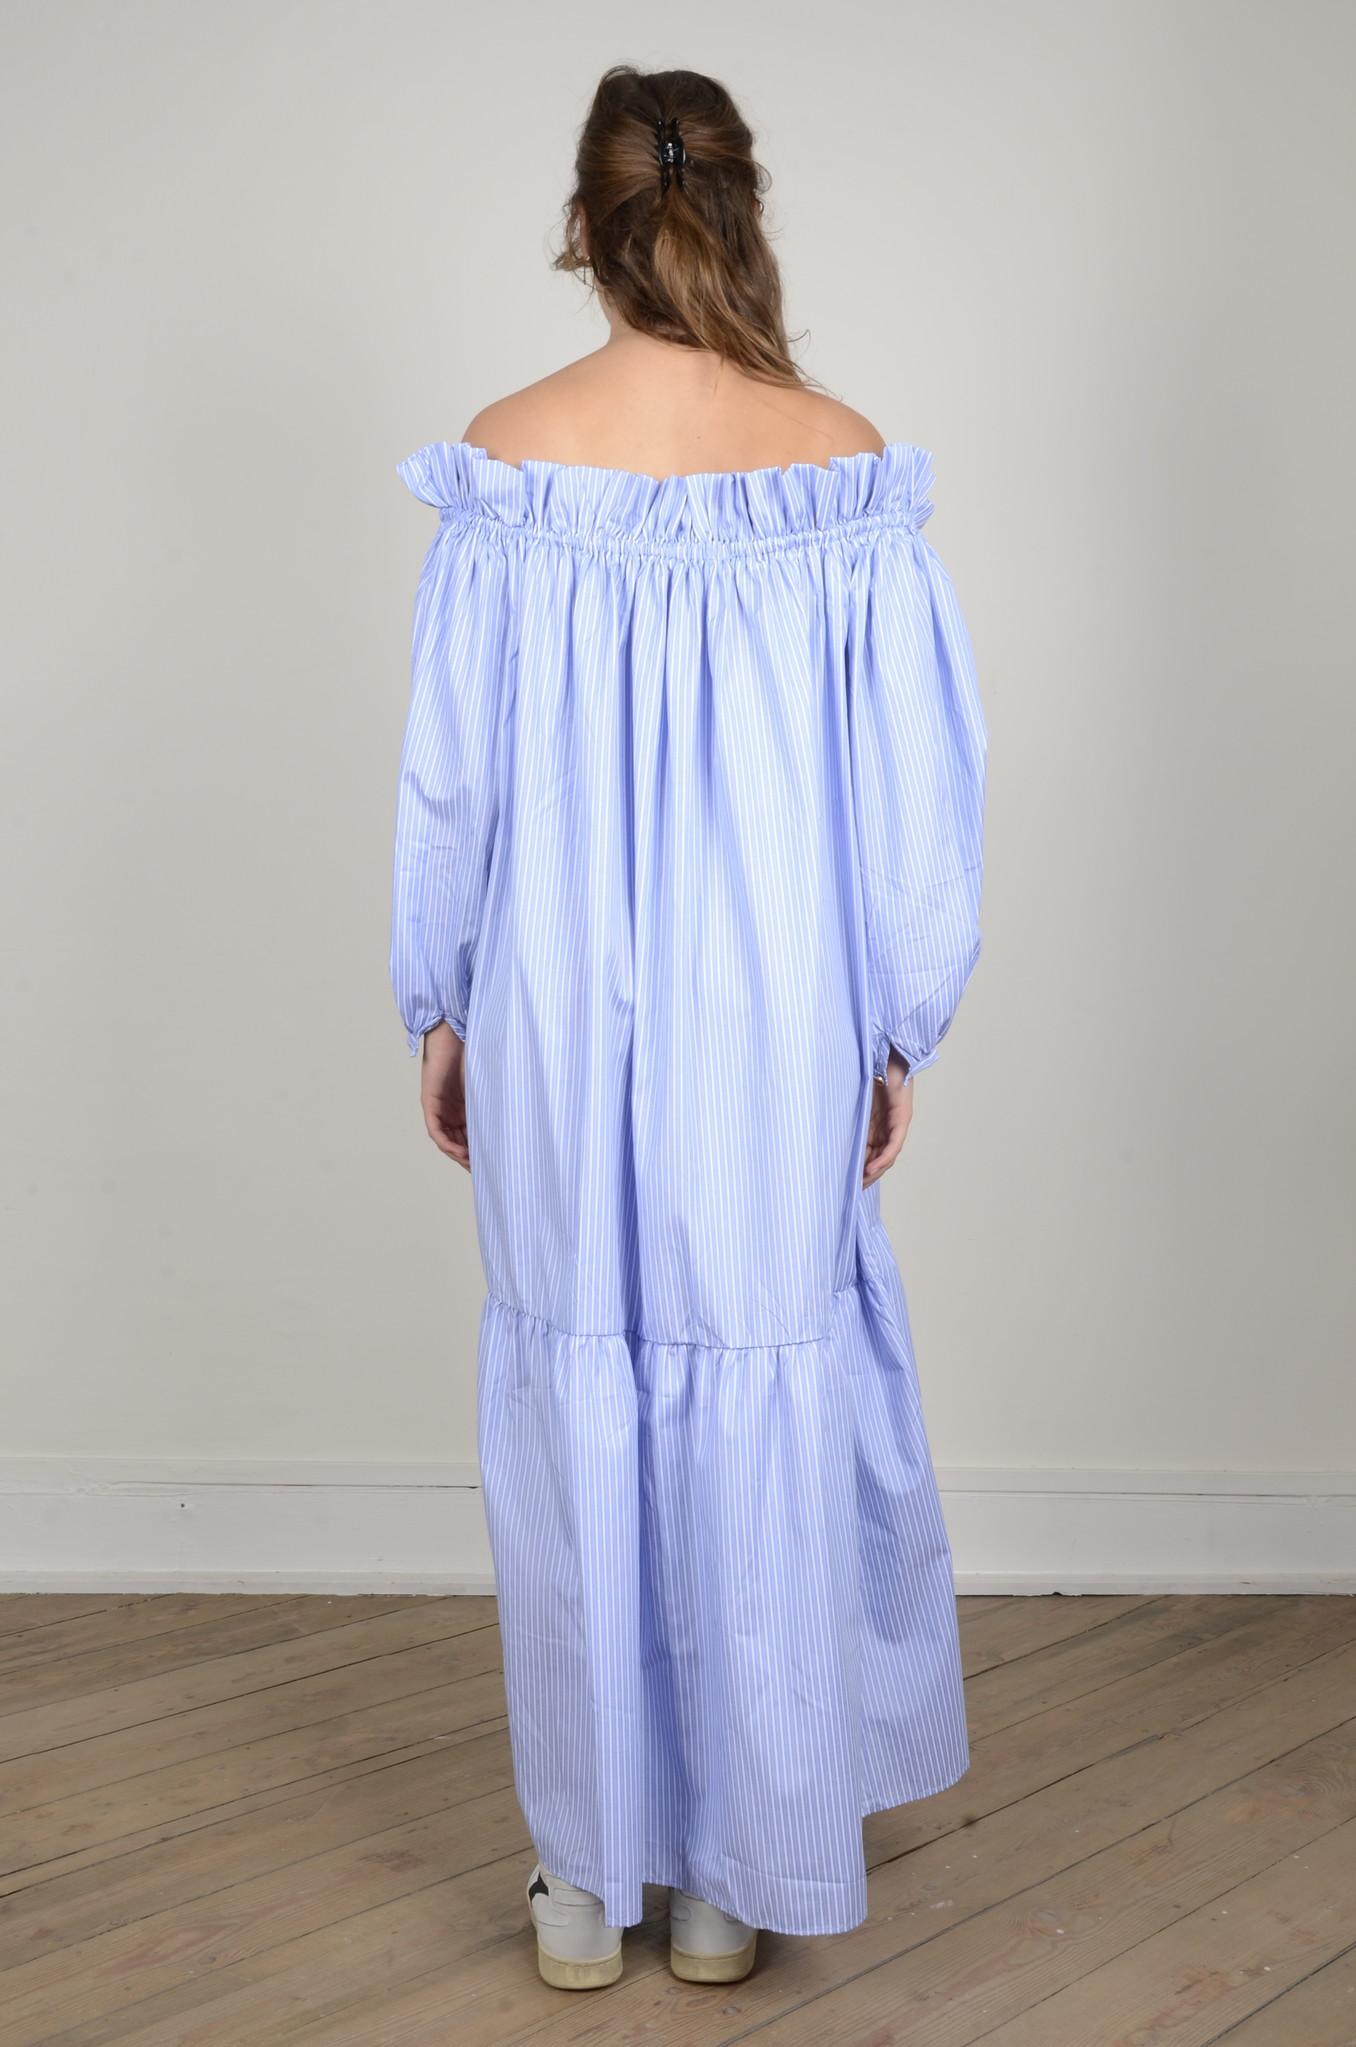 MANON OFF SHOULDER DRESS STRIPED-3